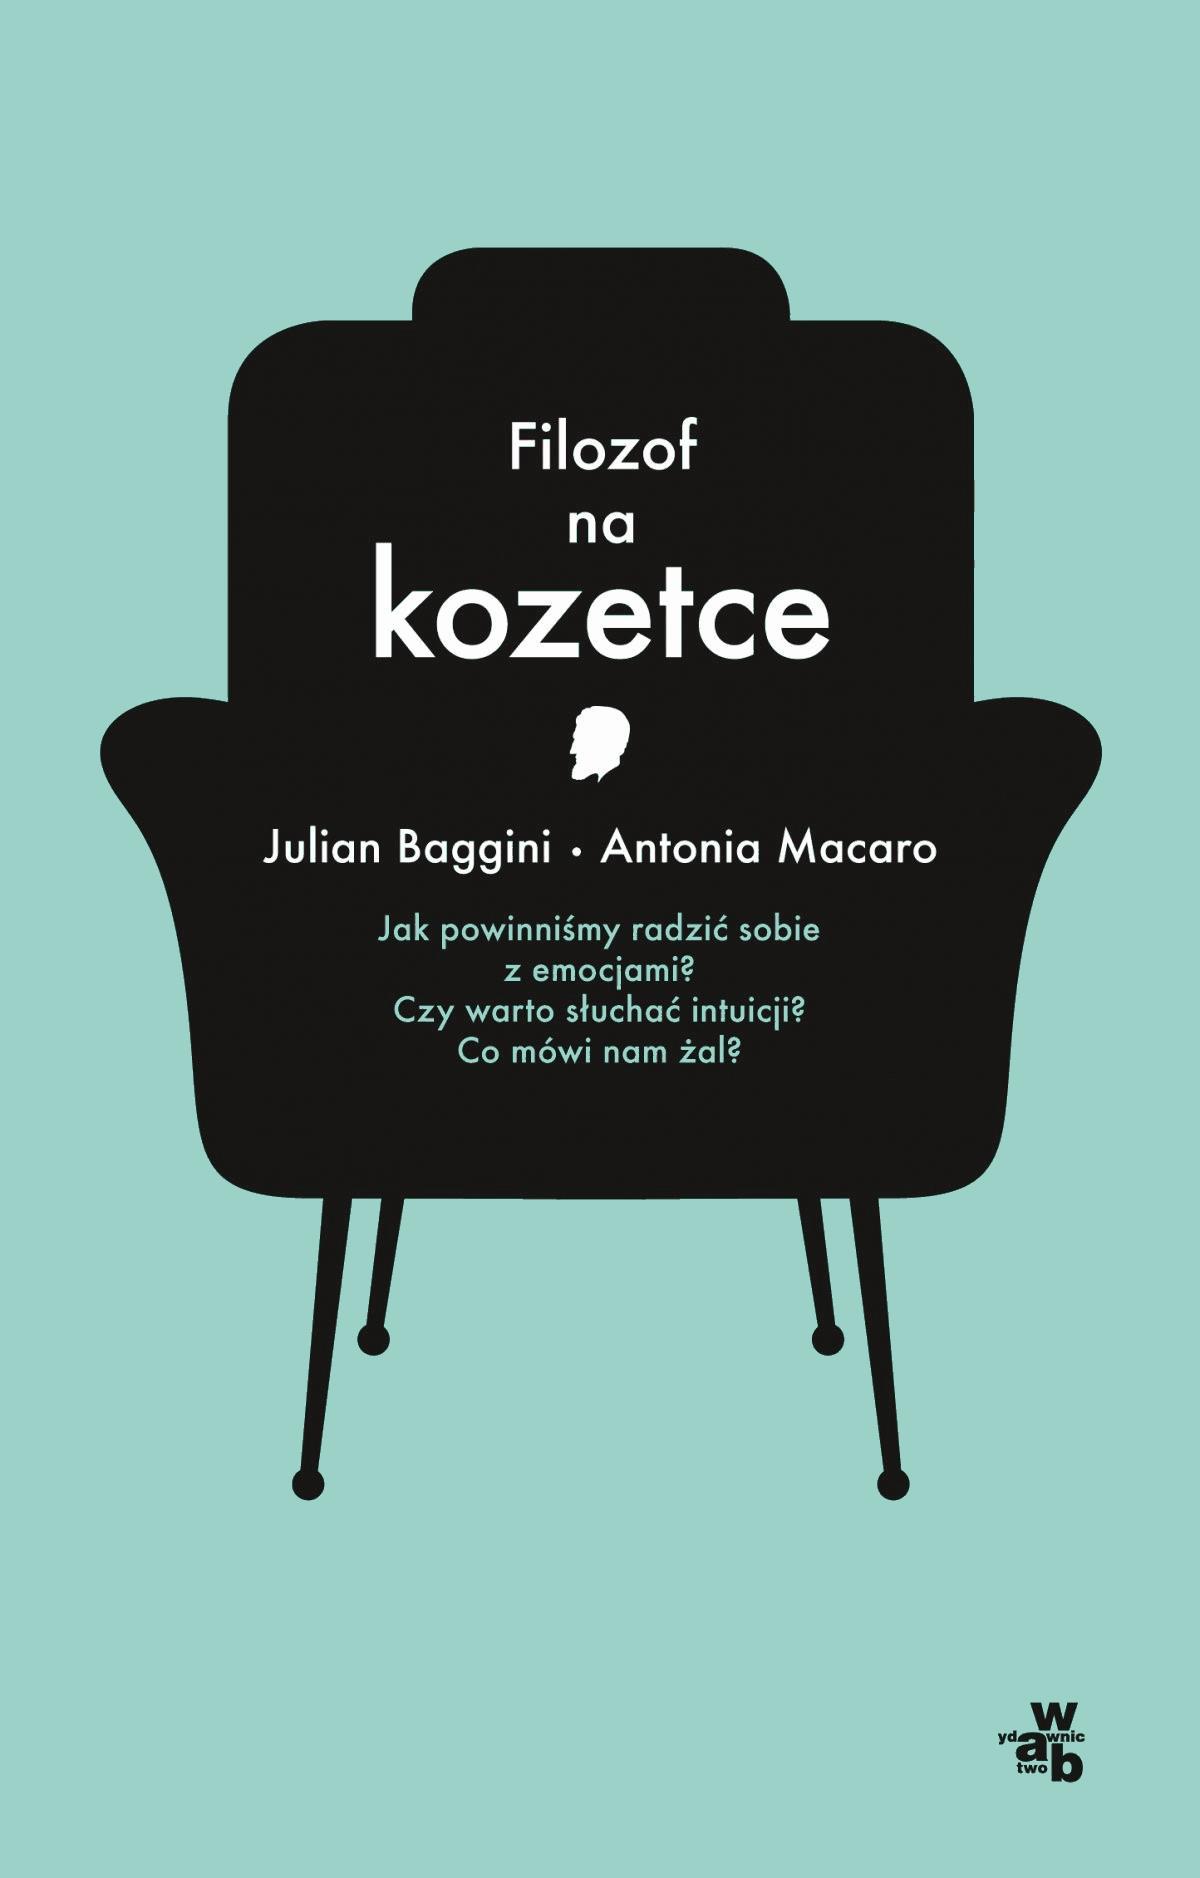 Filozof na kozetce - Tylko w Legimi możesz przeczytać ten tytuł przez 7 dni za darmo. - Julian Baggini, Antonia Macaro